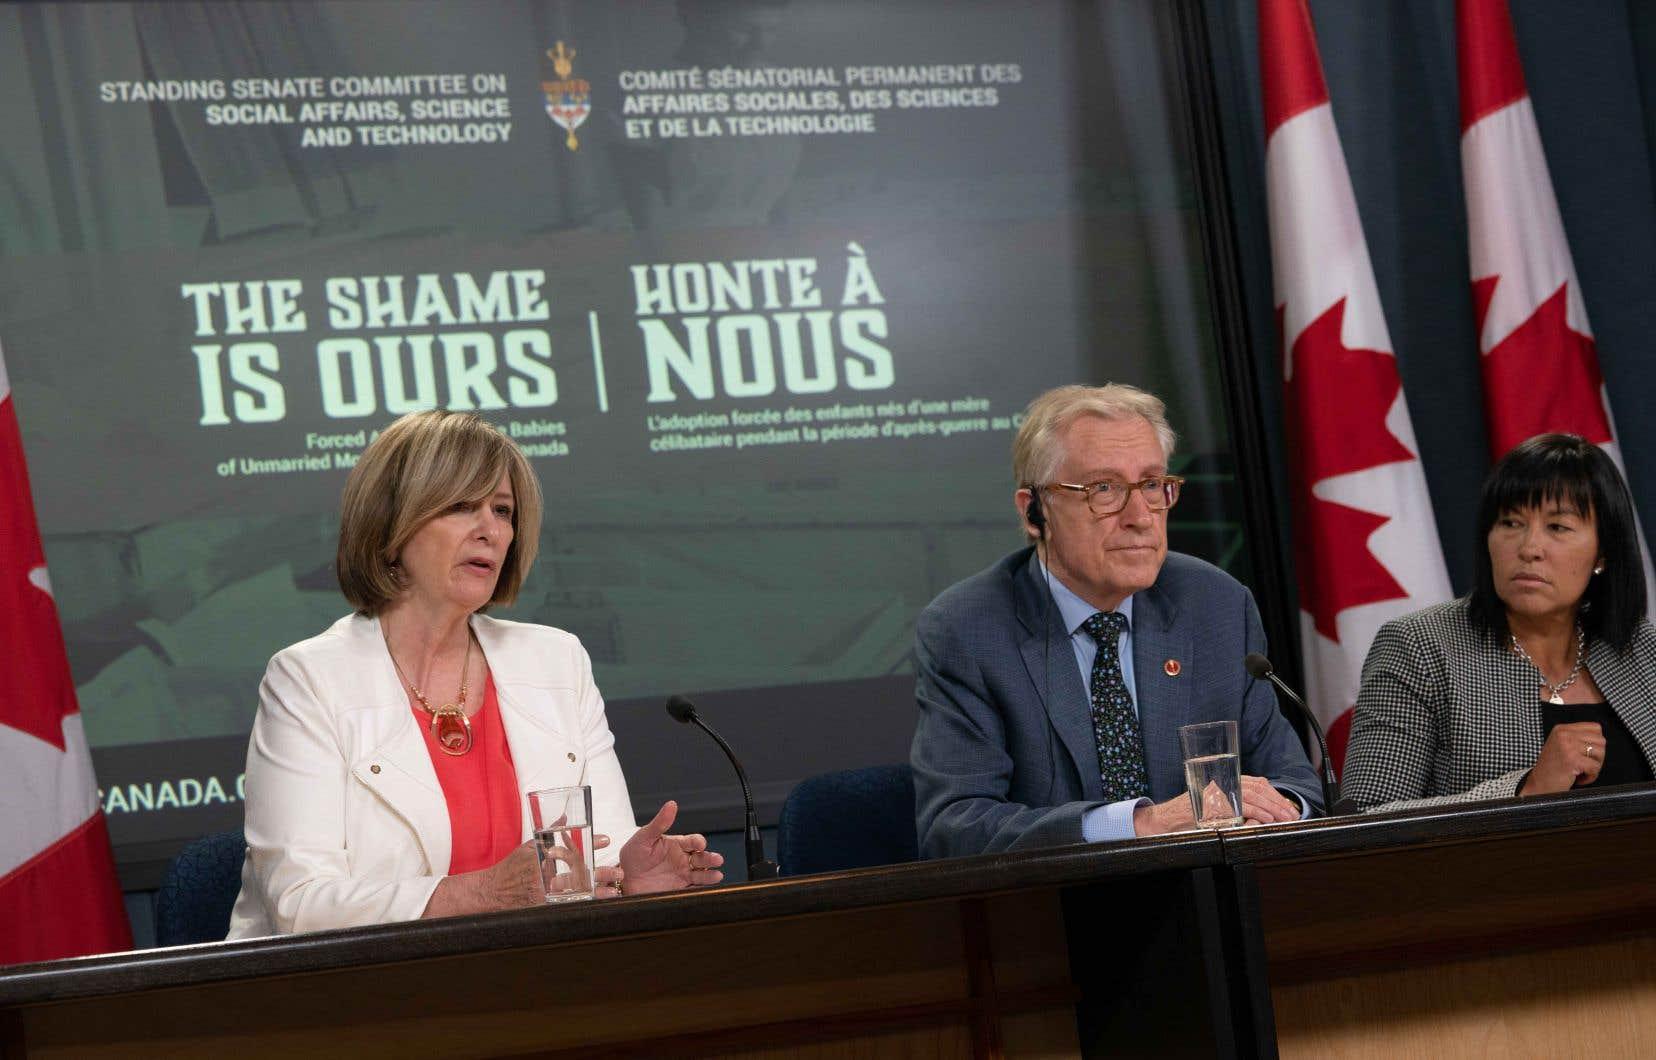 Les sénateurs Art Eagleton (au centre) et Chantal Petitclerc (à droite) ont recueilli les témoignages de personnes touchées par ce dossier.